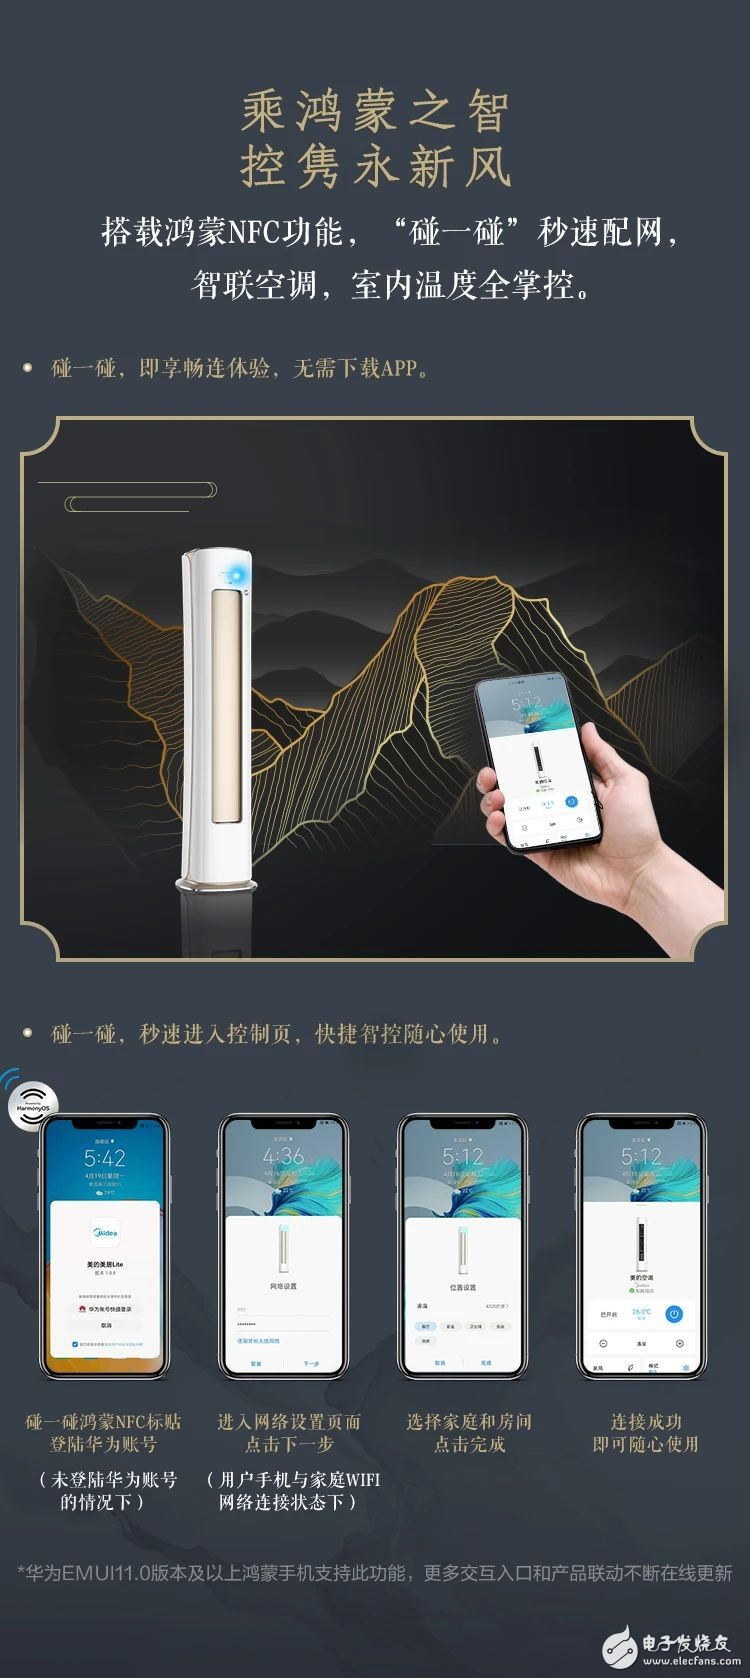 全球首款搭載華為鴻蒙系統的智能空調首發上市!美的創造